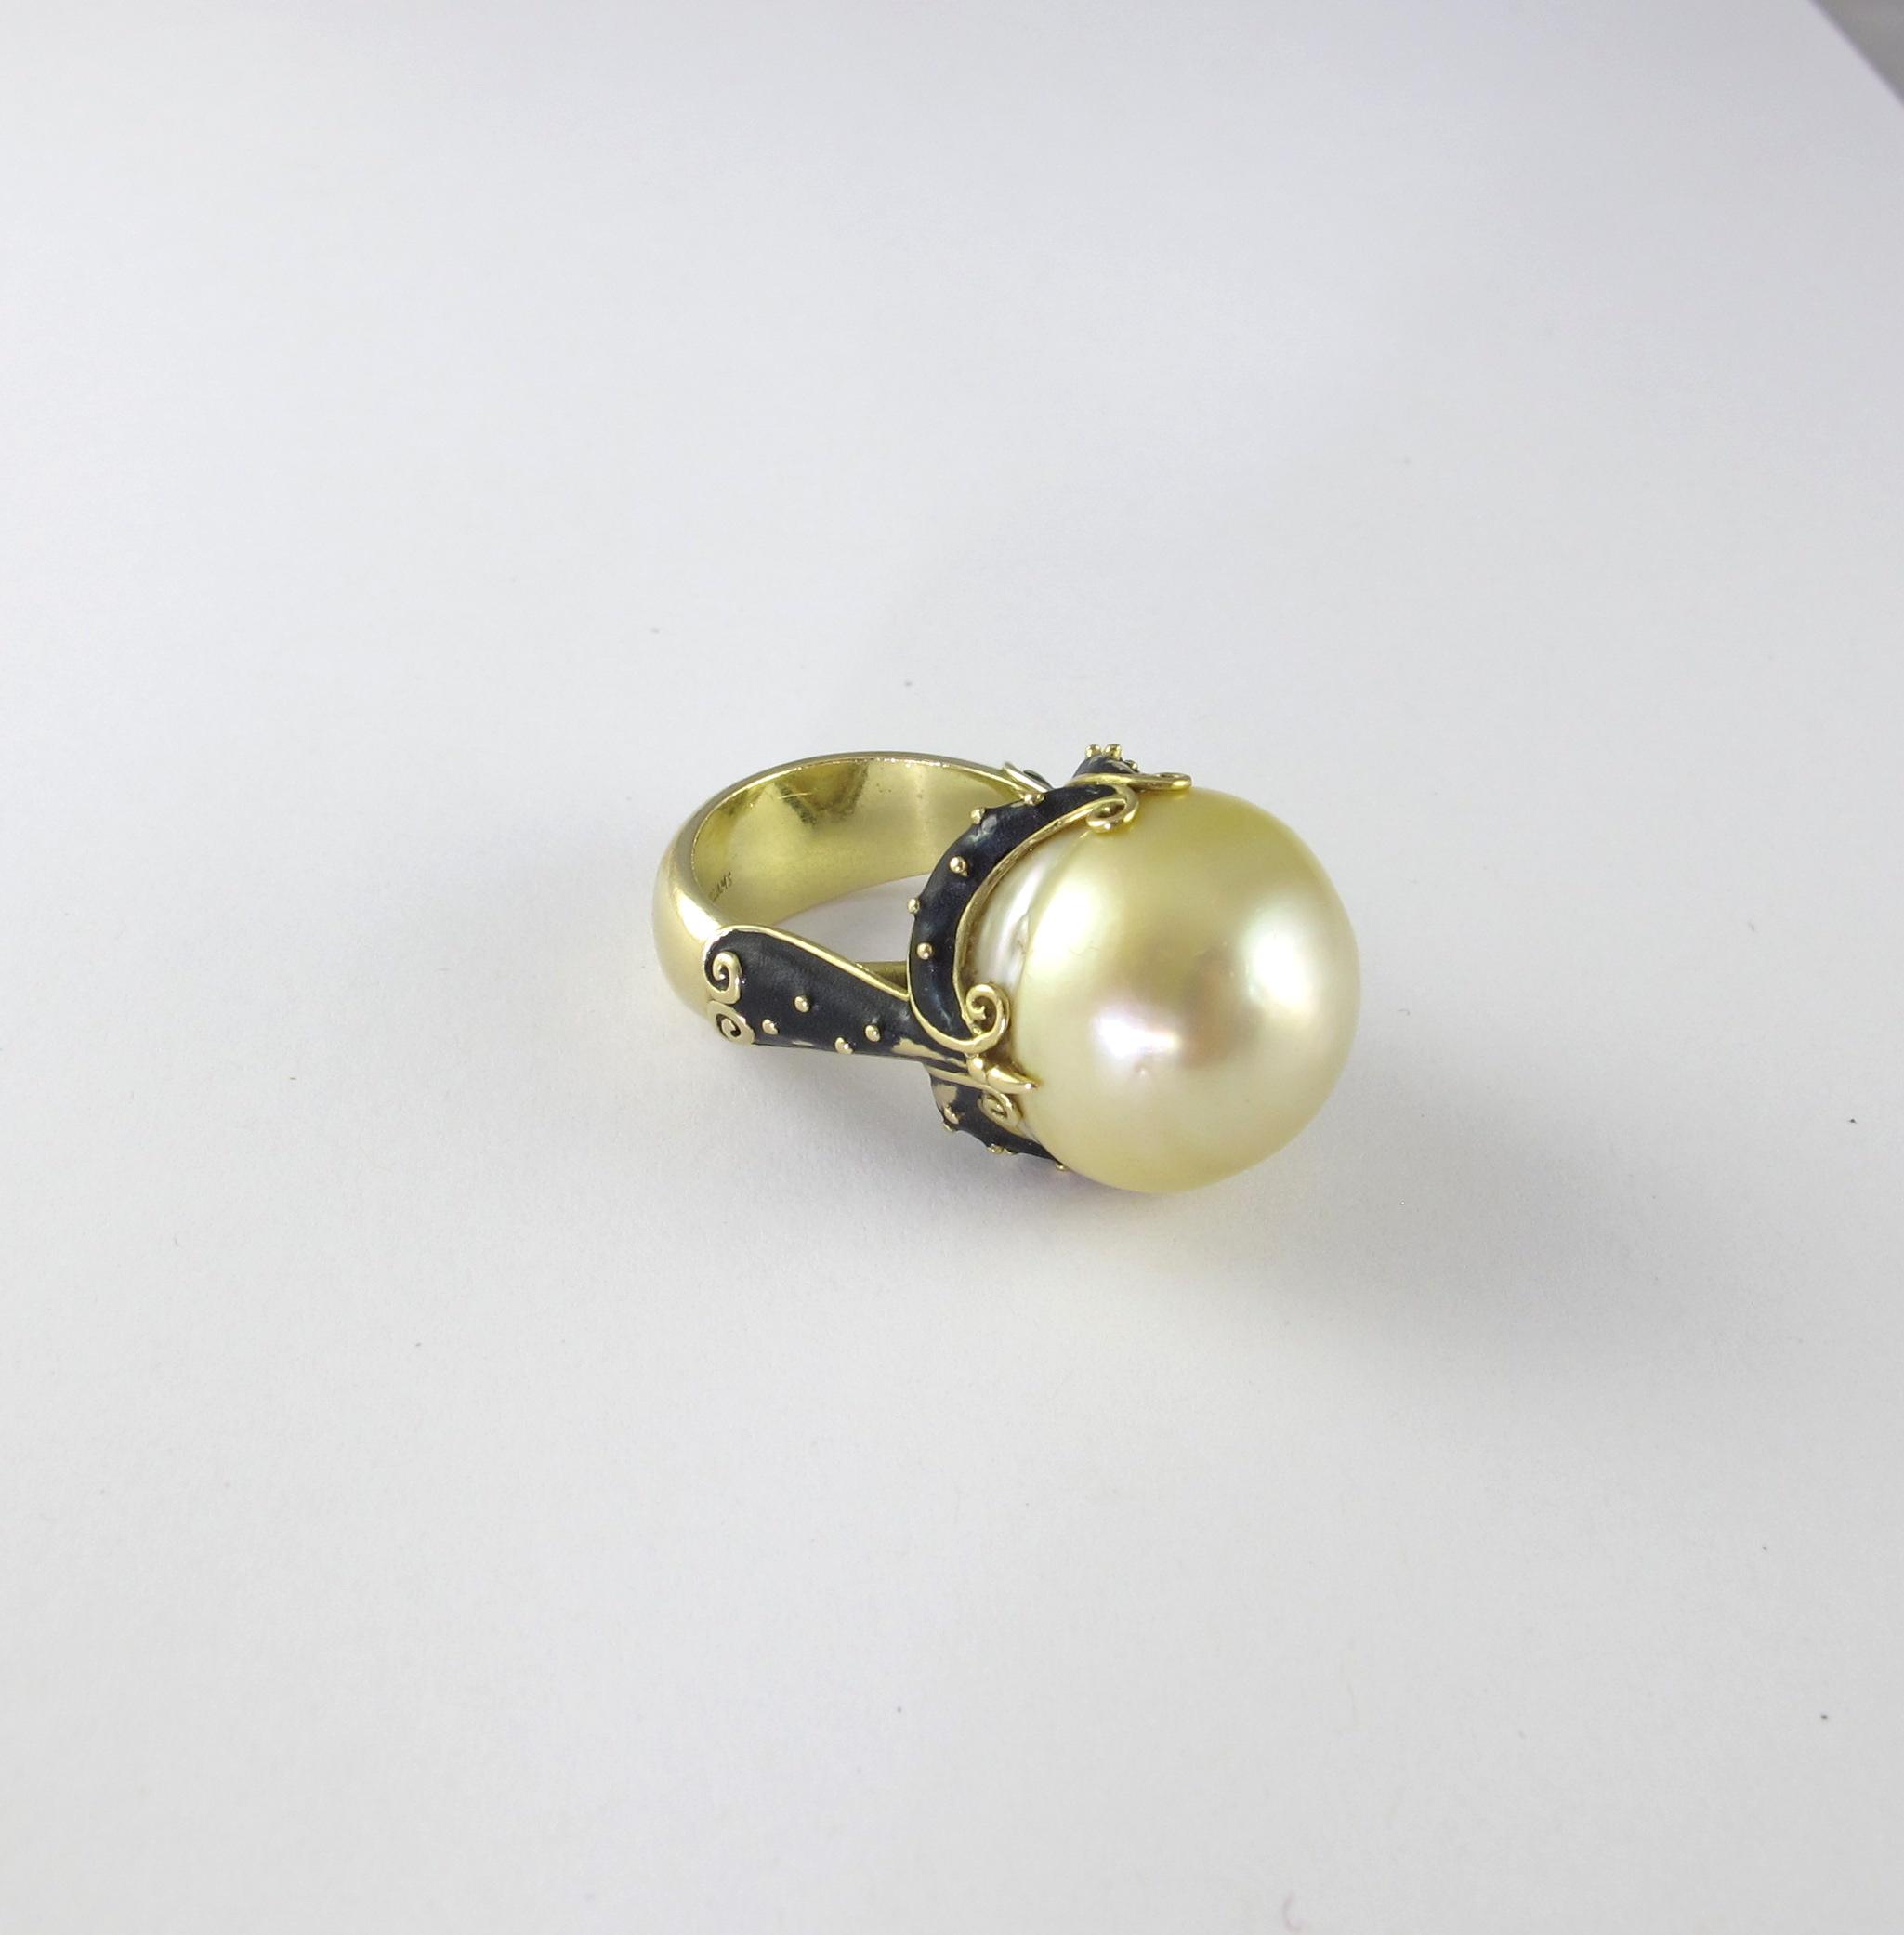 Pearl Ring by Sonya Kelly